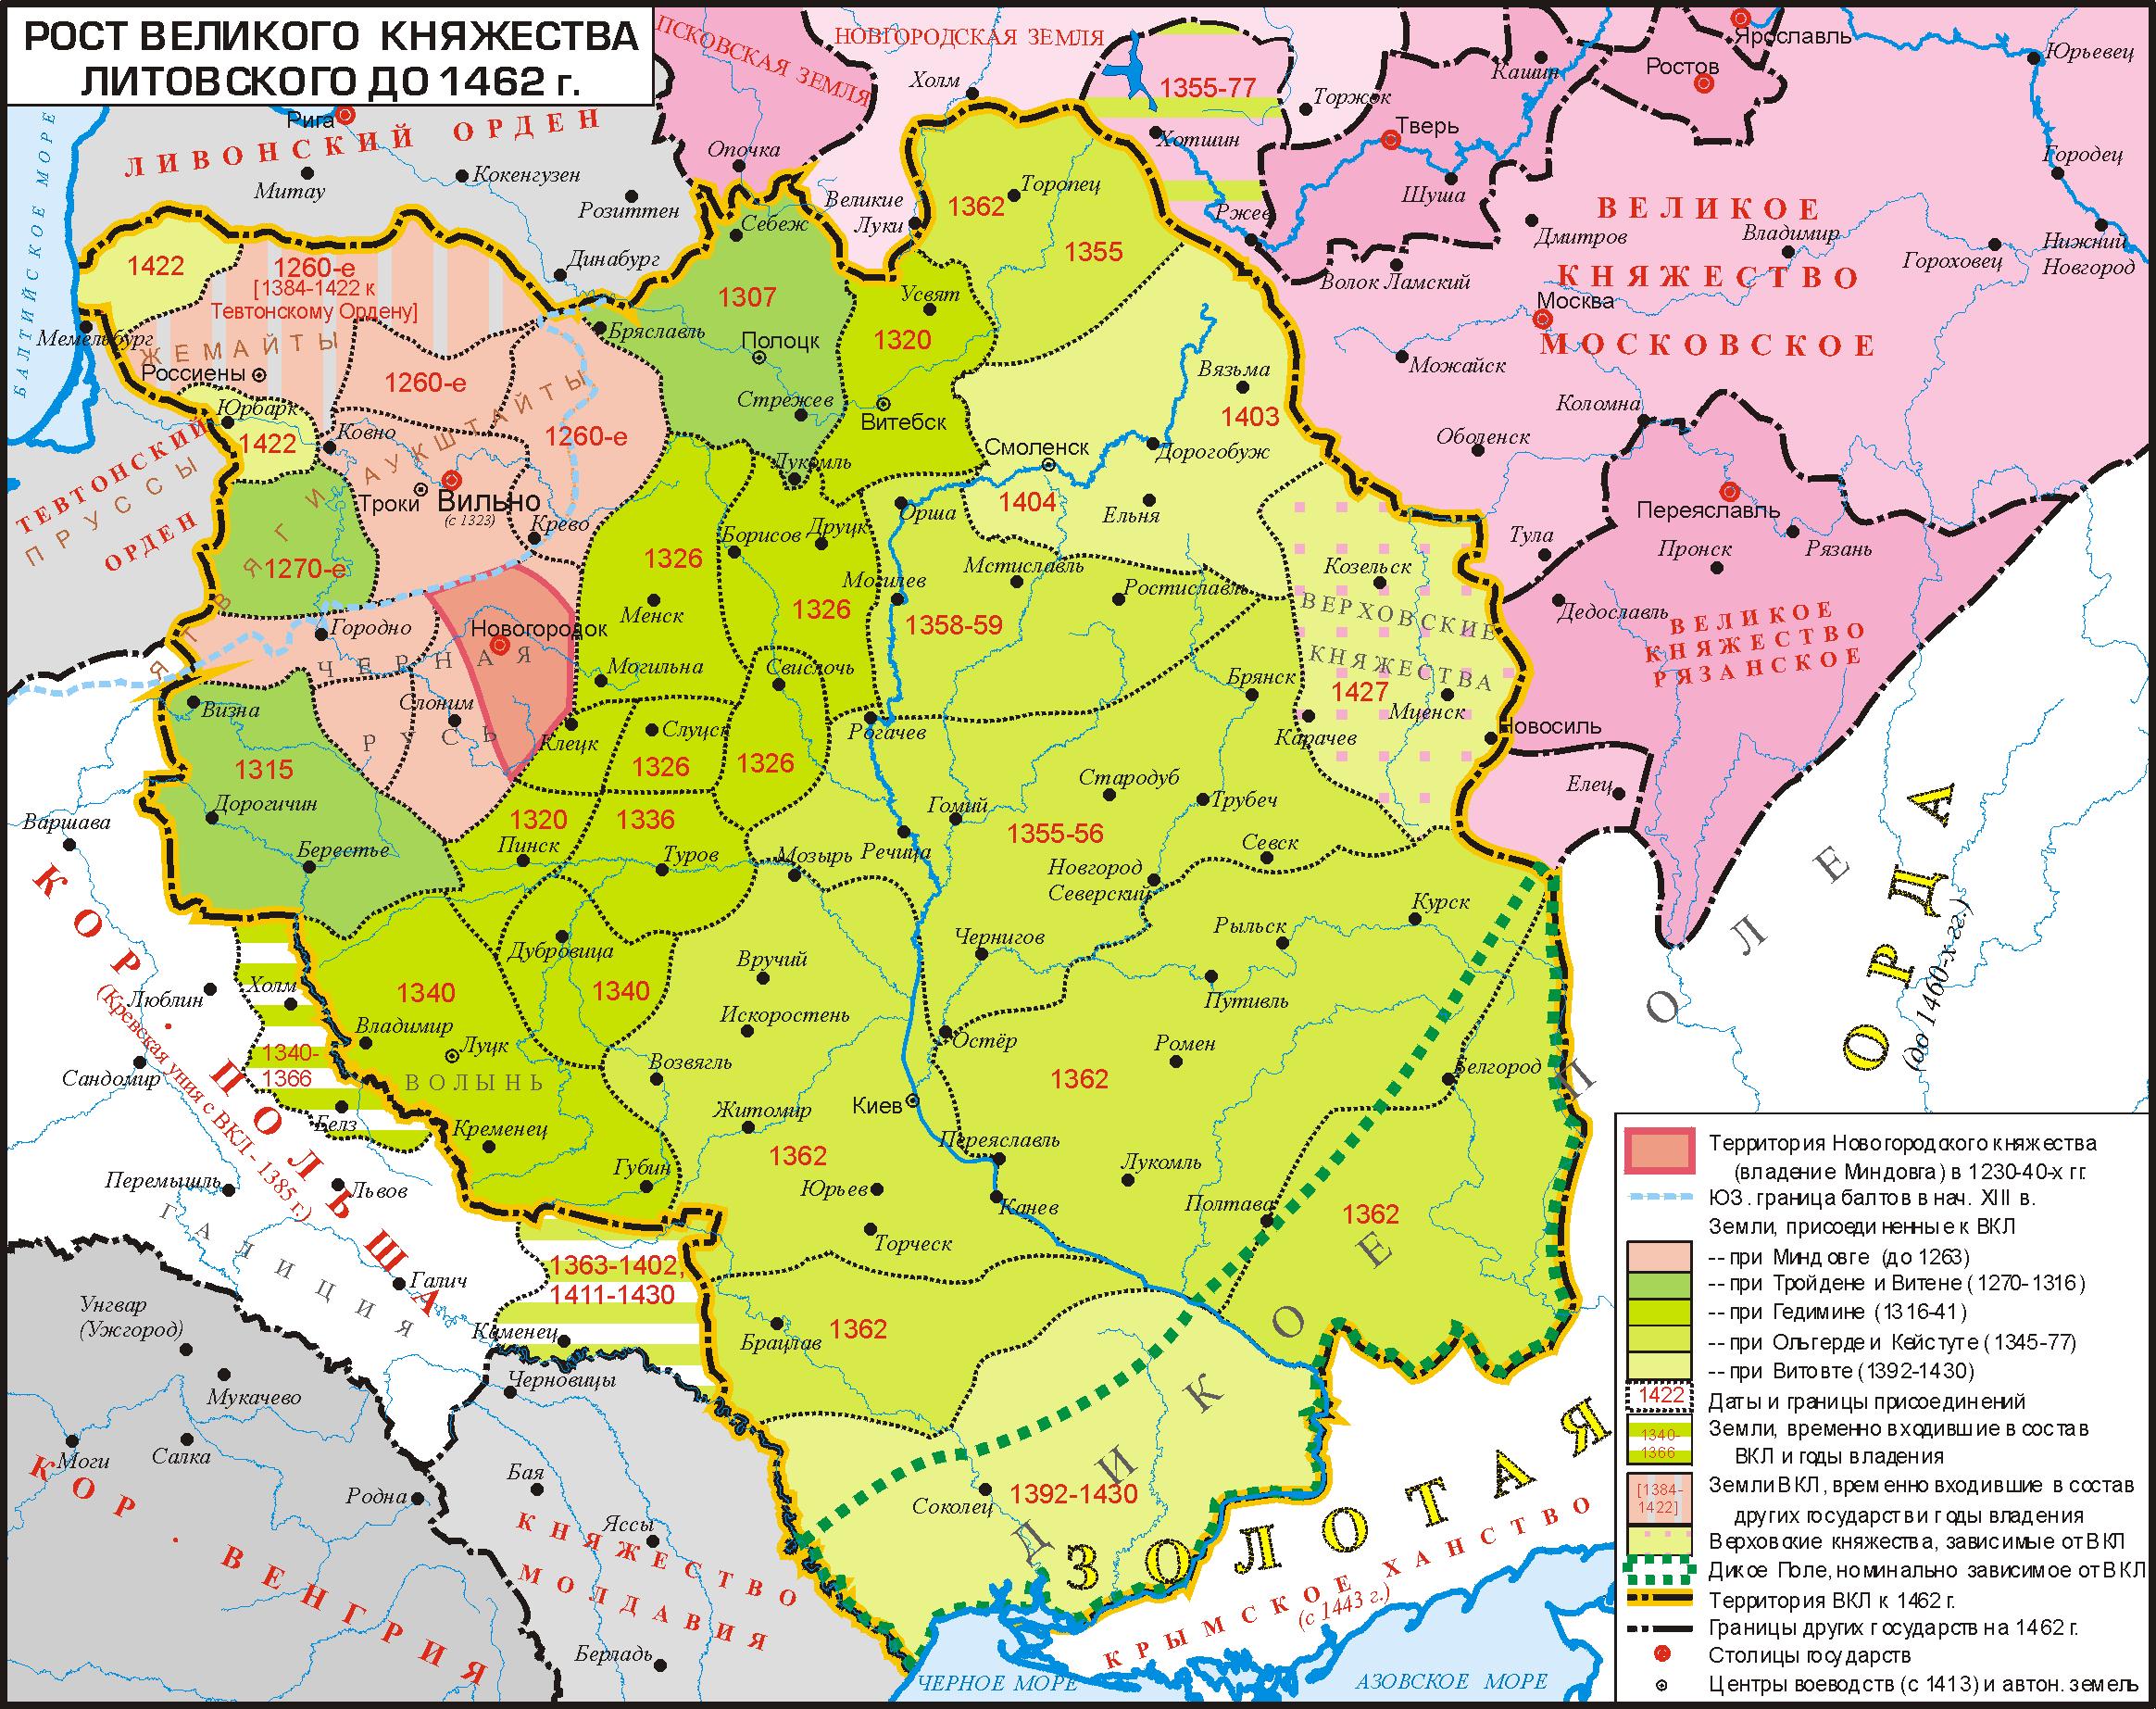 VKL-1462-ru